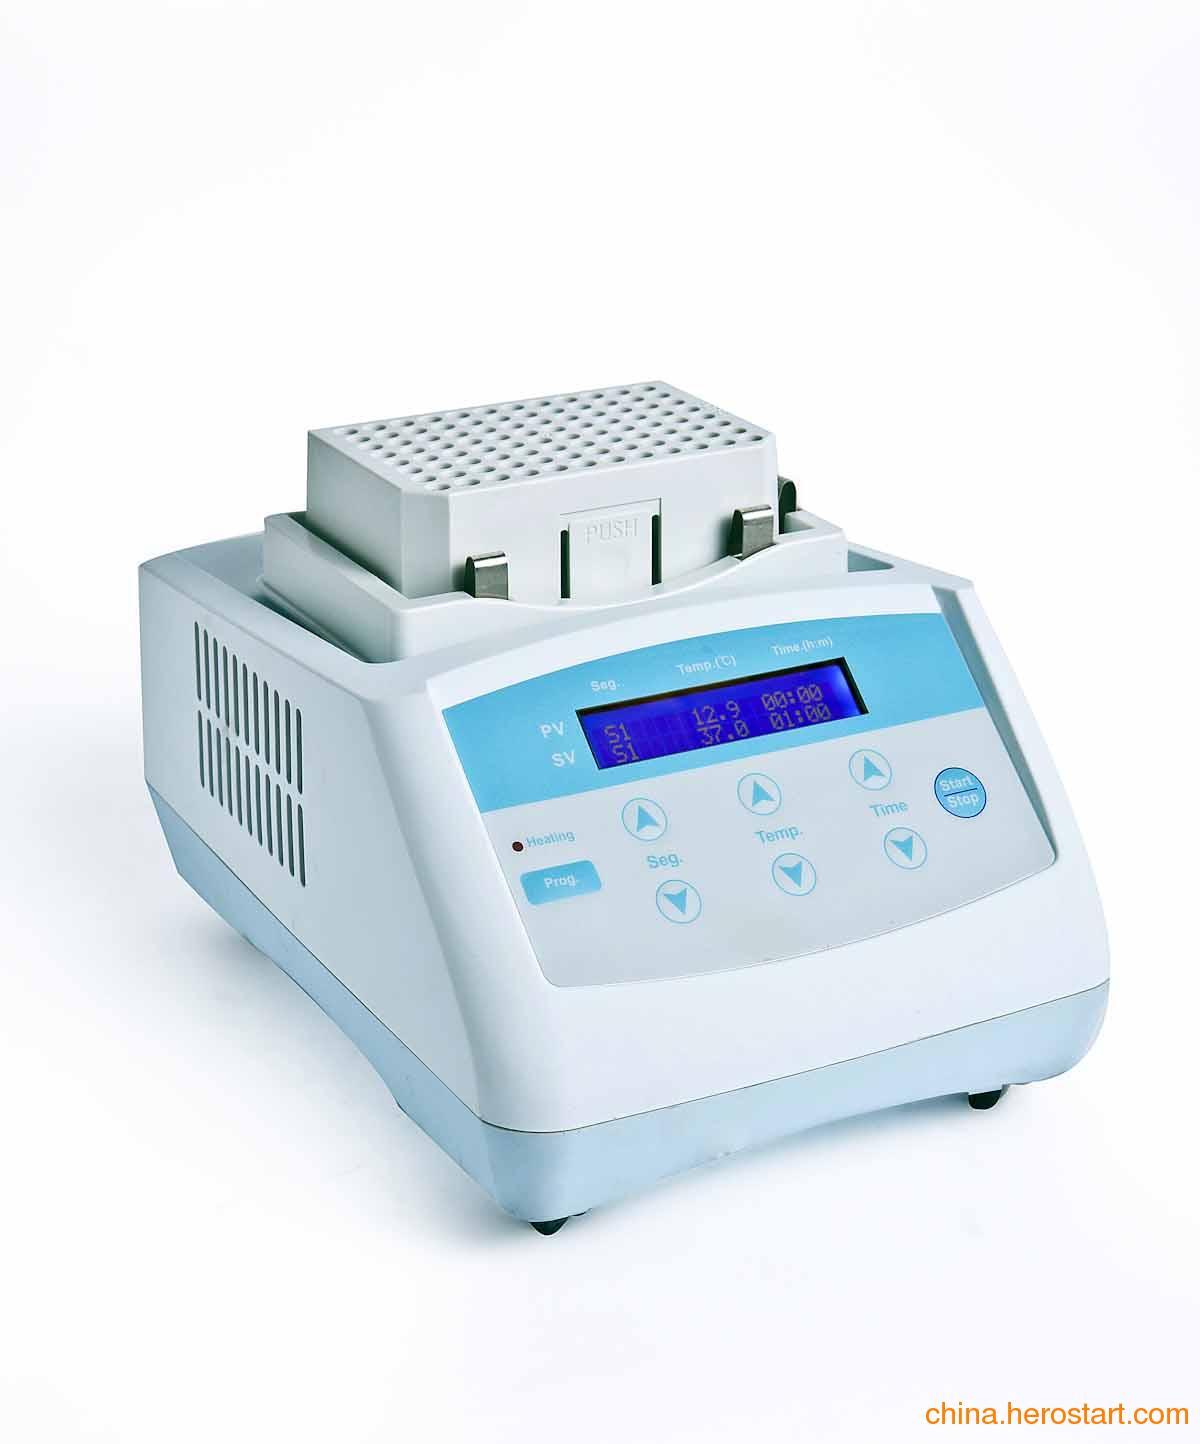 干式恒温器价格_供应重庆干式恒温器 /恒温金属浴